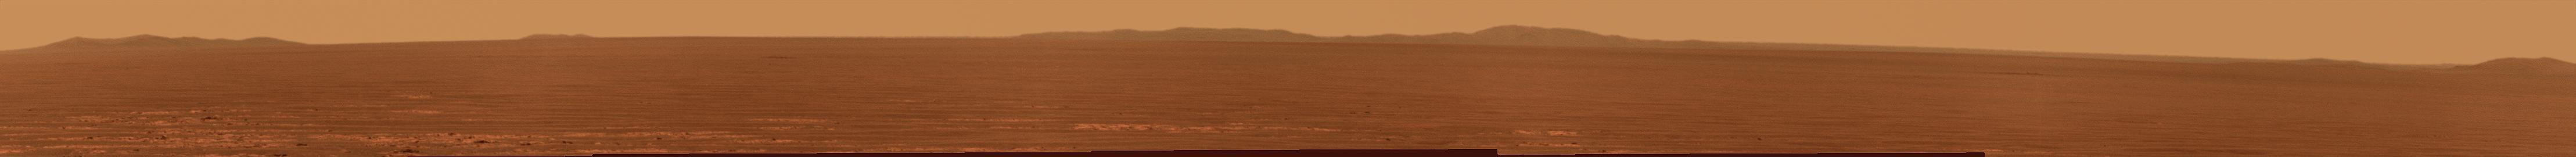 Point de vue d'Opportunity sur le cratère Endeavour